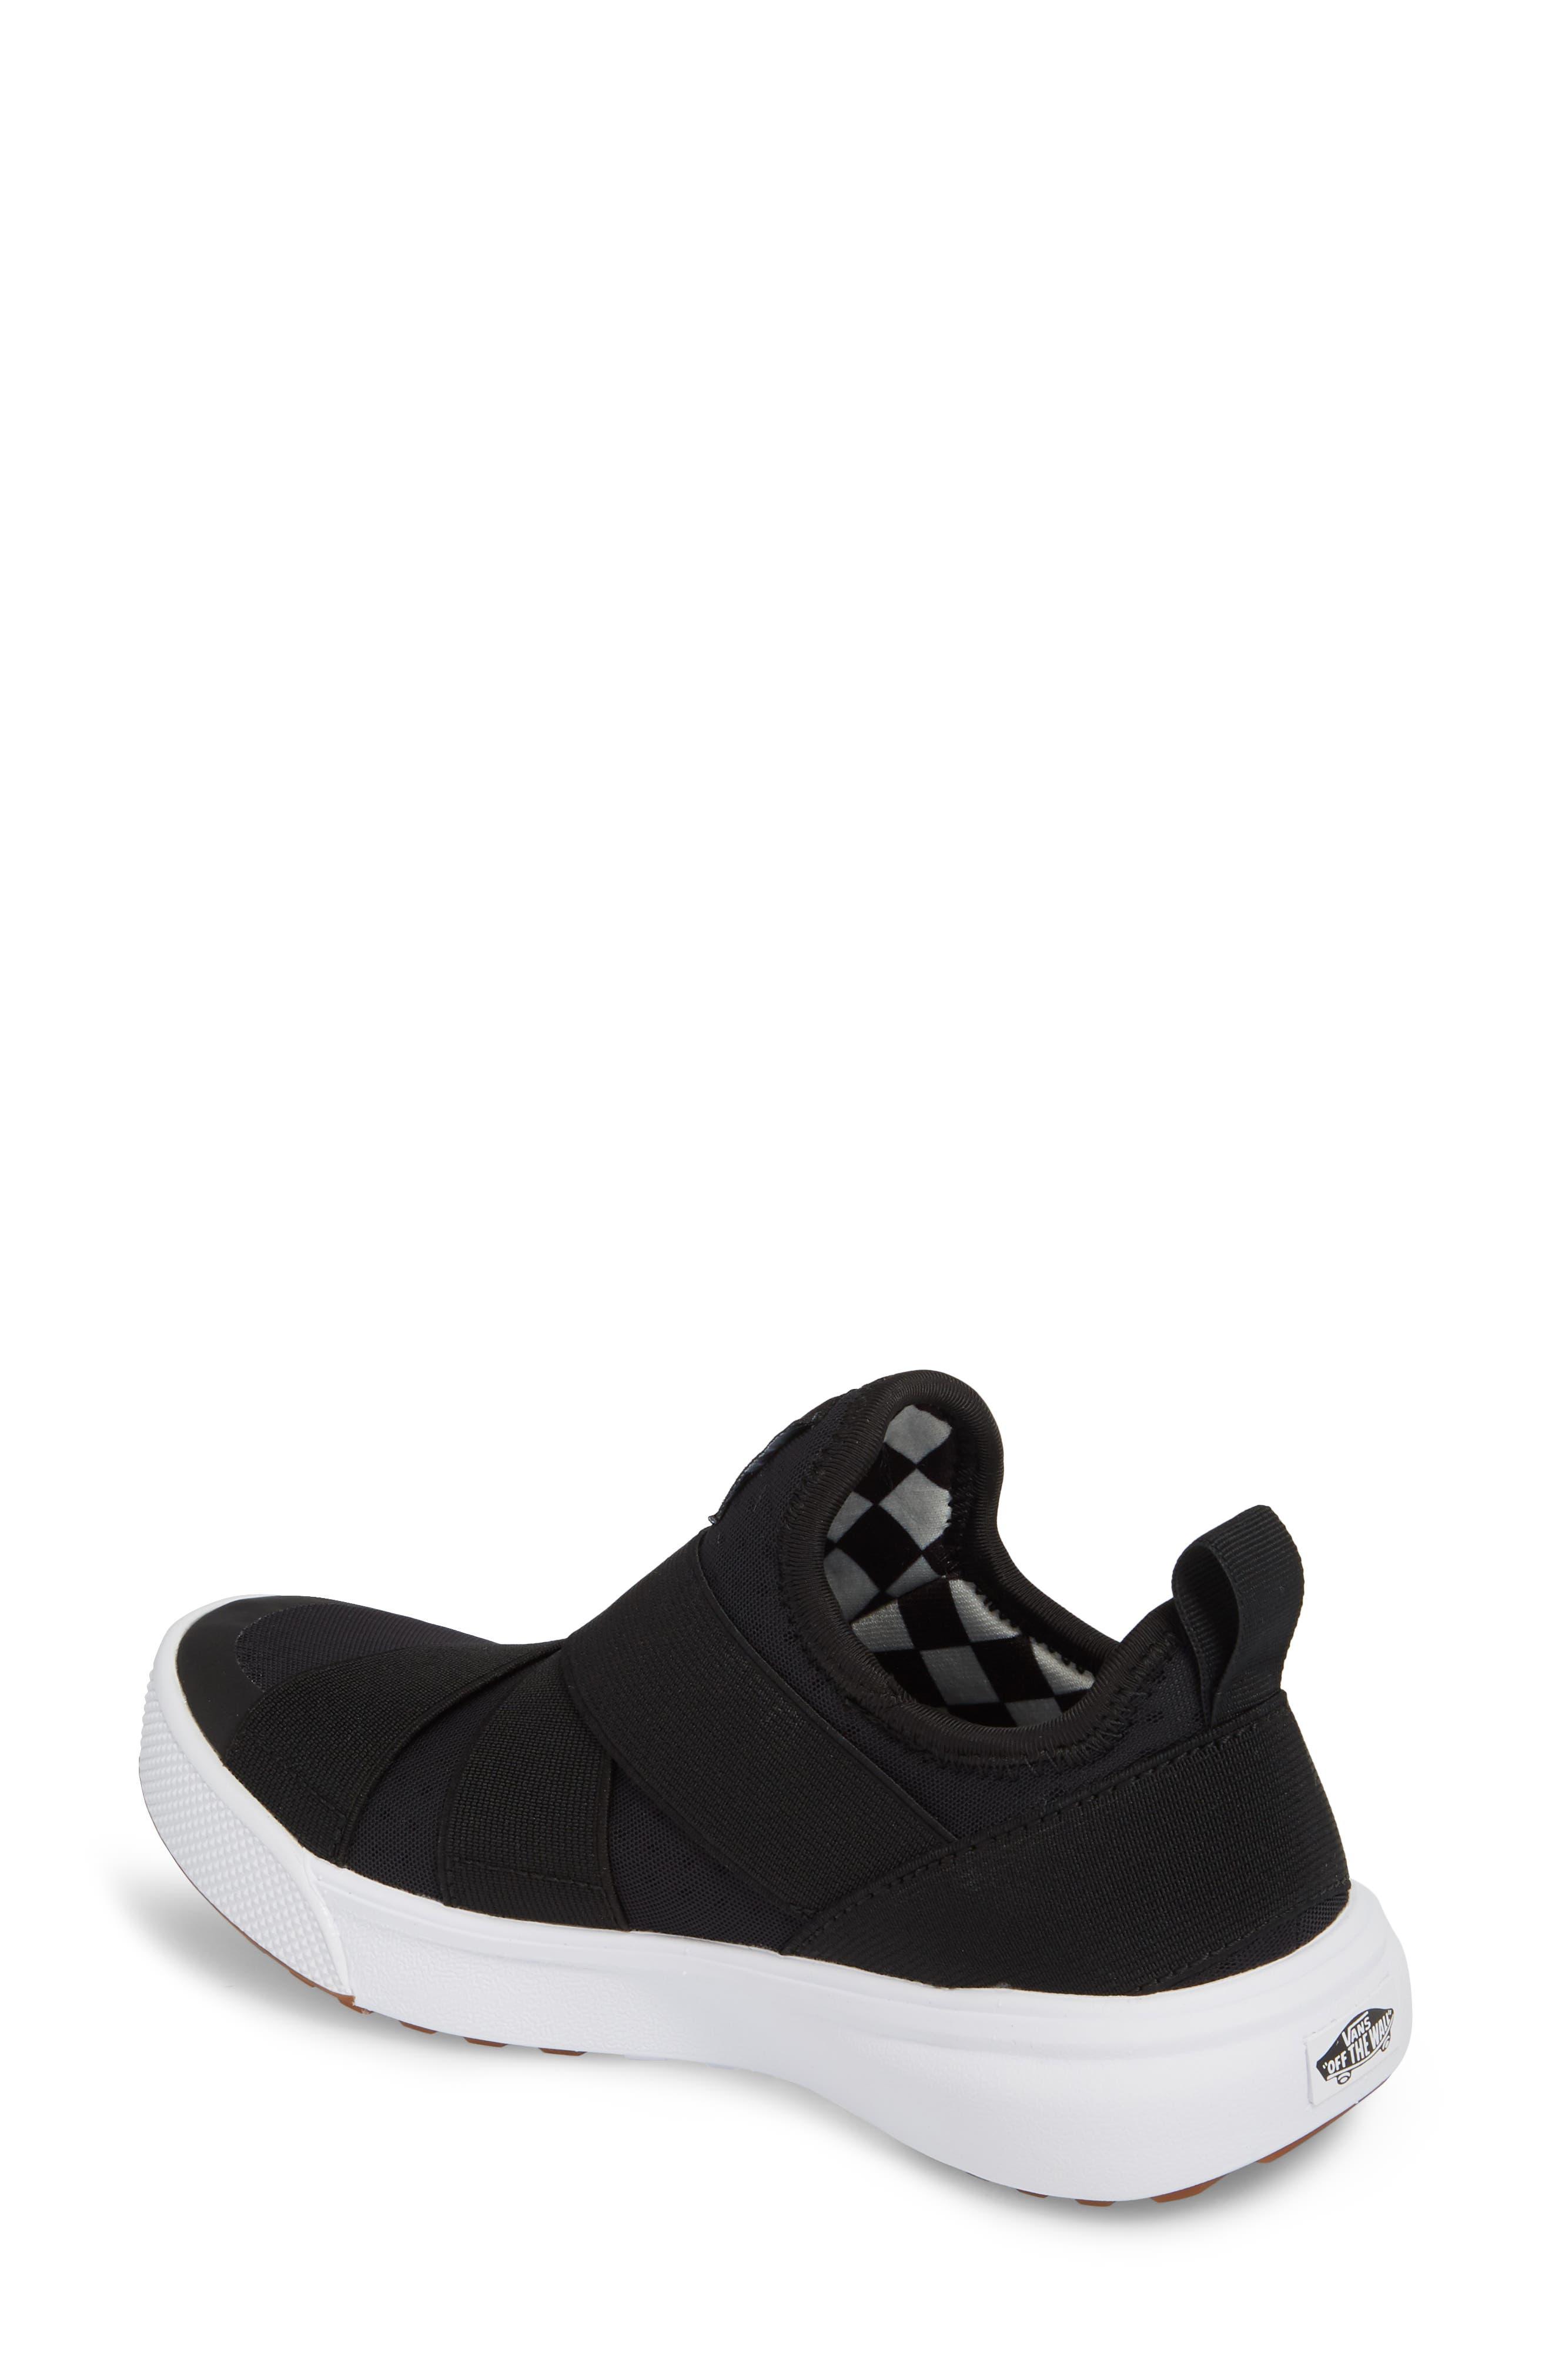 UltraRange Gore Slip-On Sneaker,                             Alternate thumbnail 2, color,                             BLACK